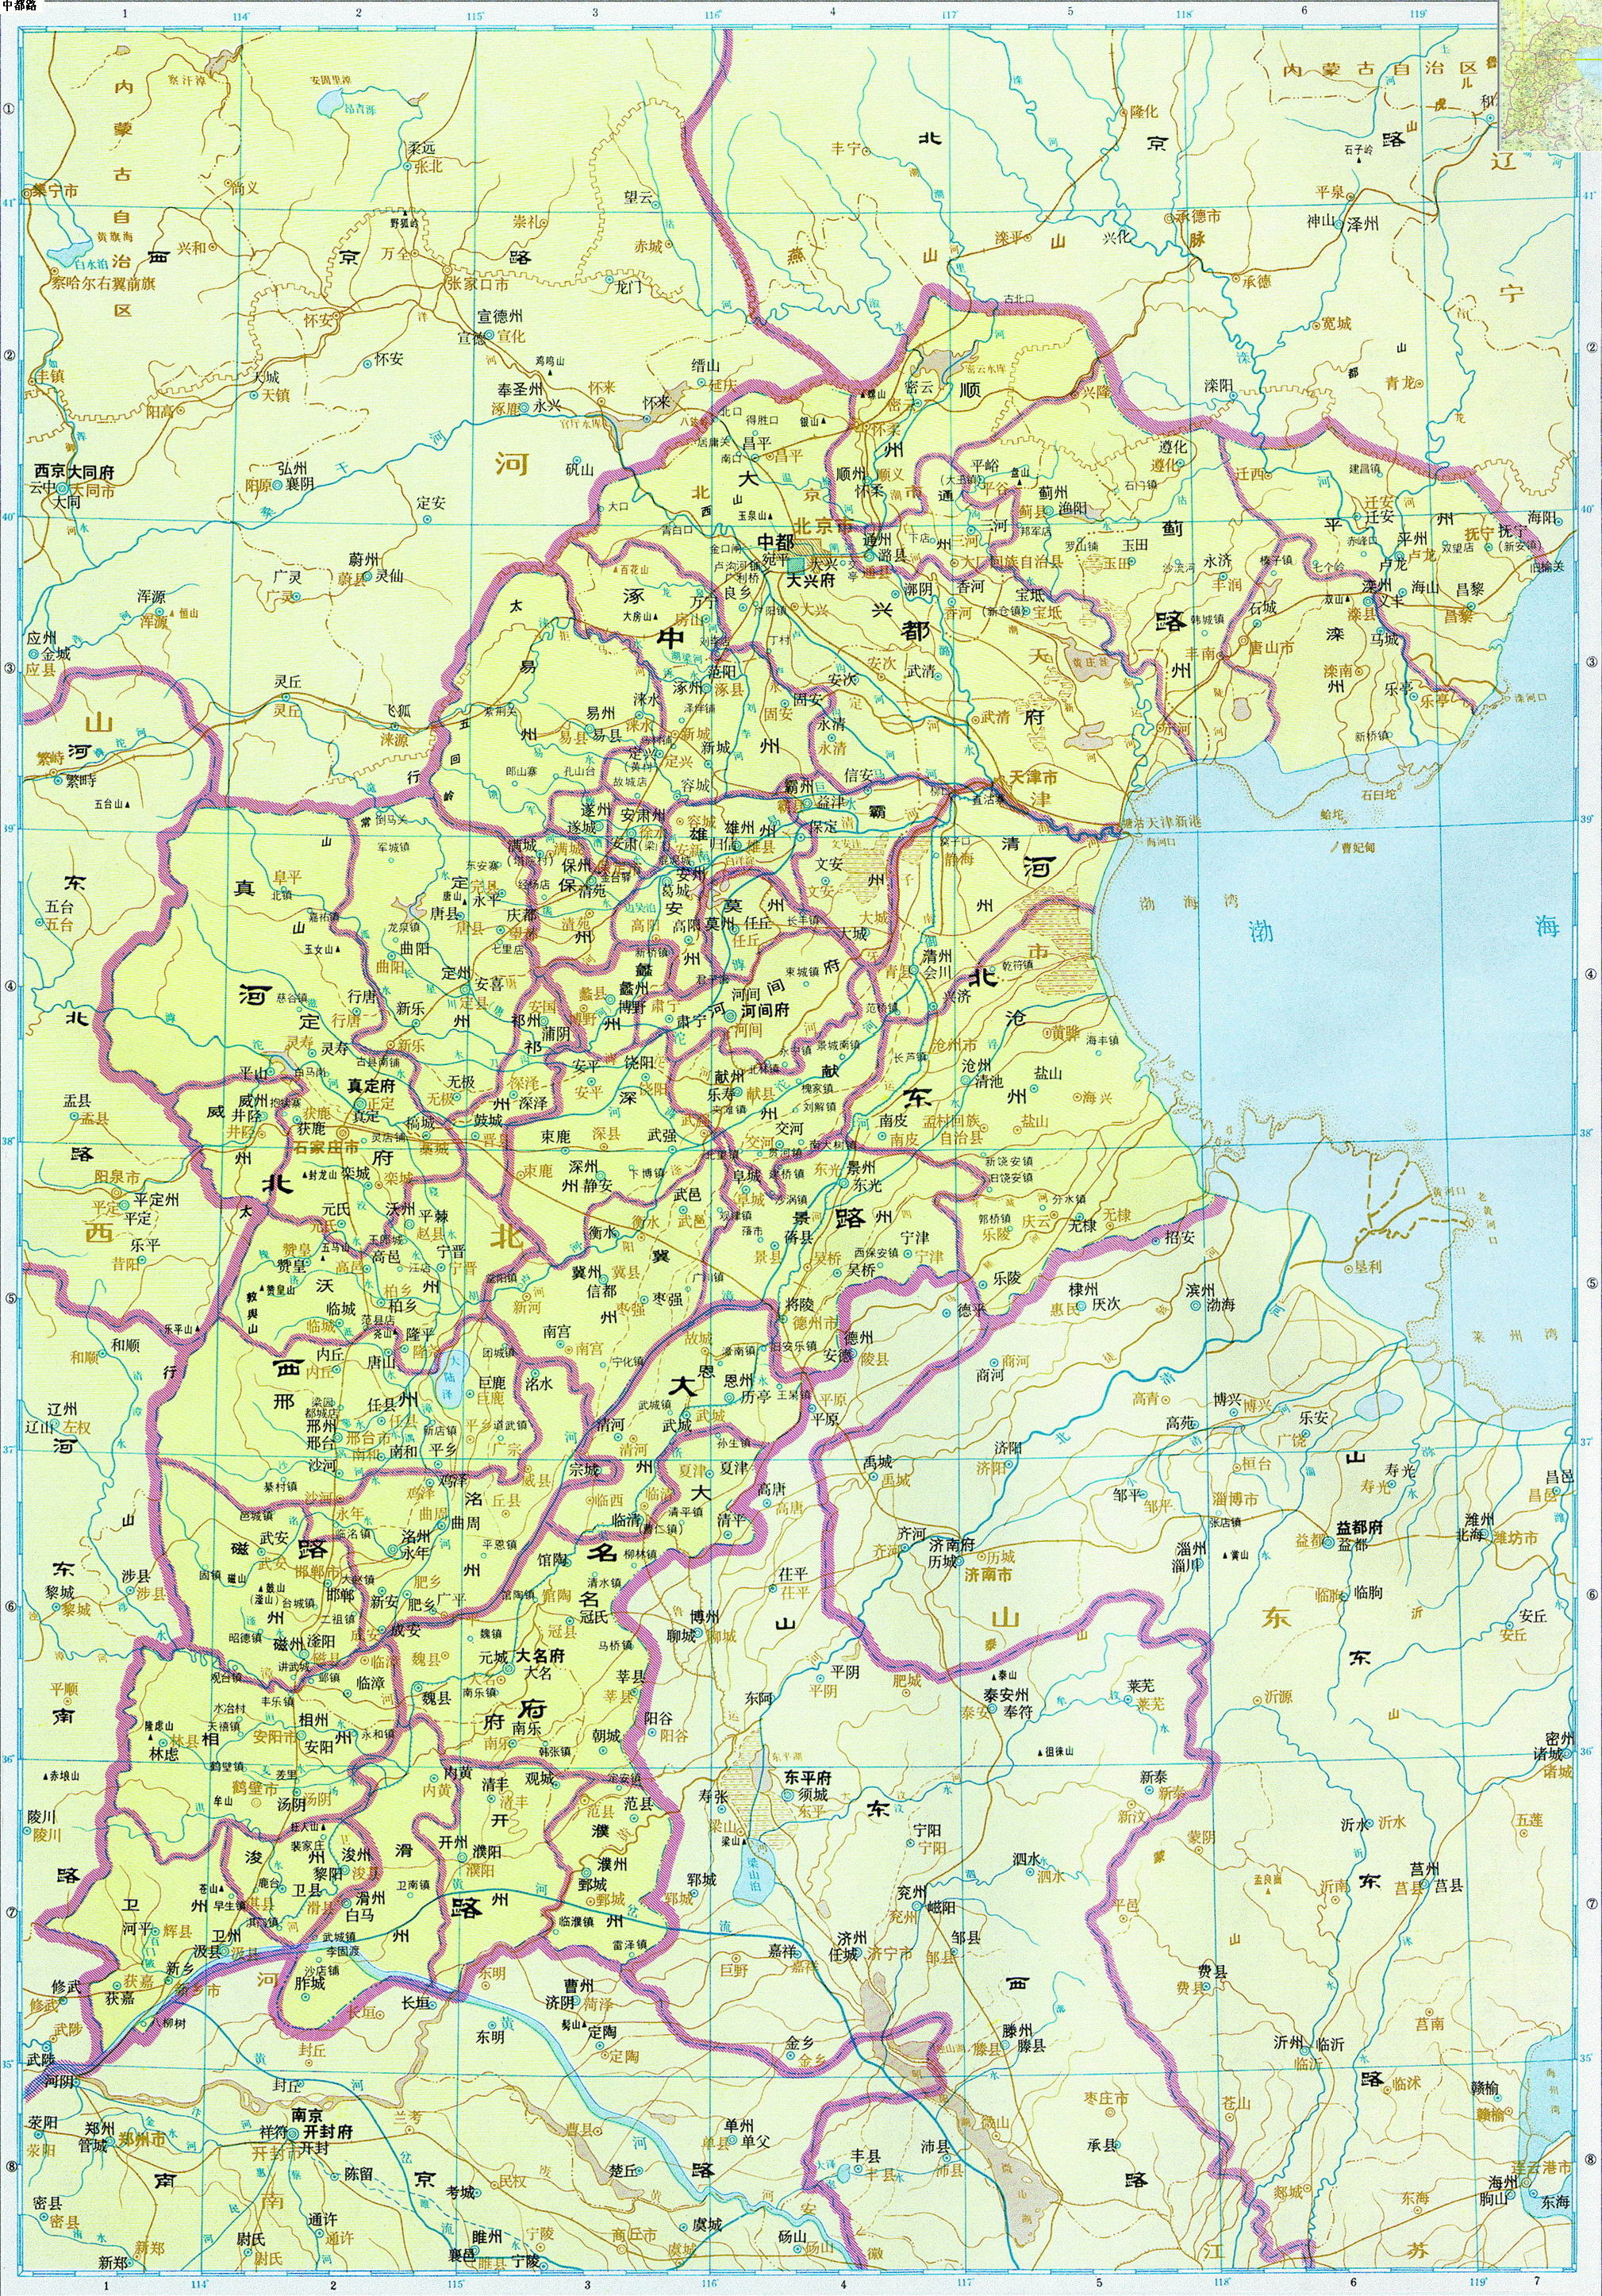 历史地图:中都路 河北东路 河北西路 大名府路(金,南宋)